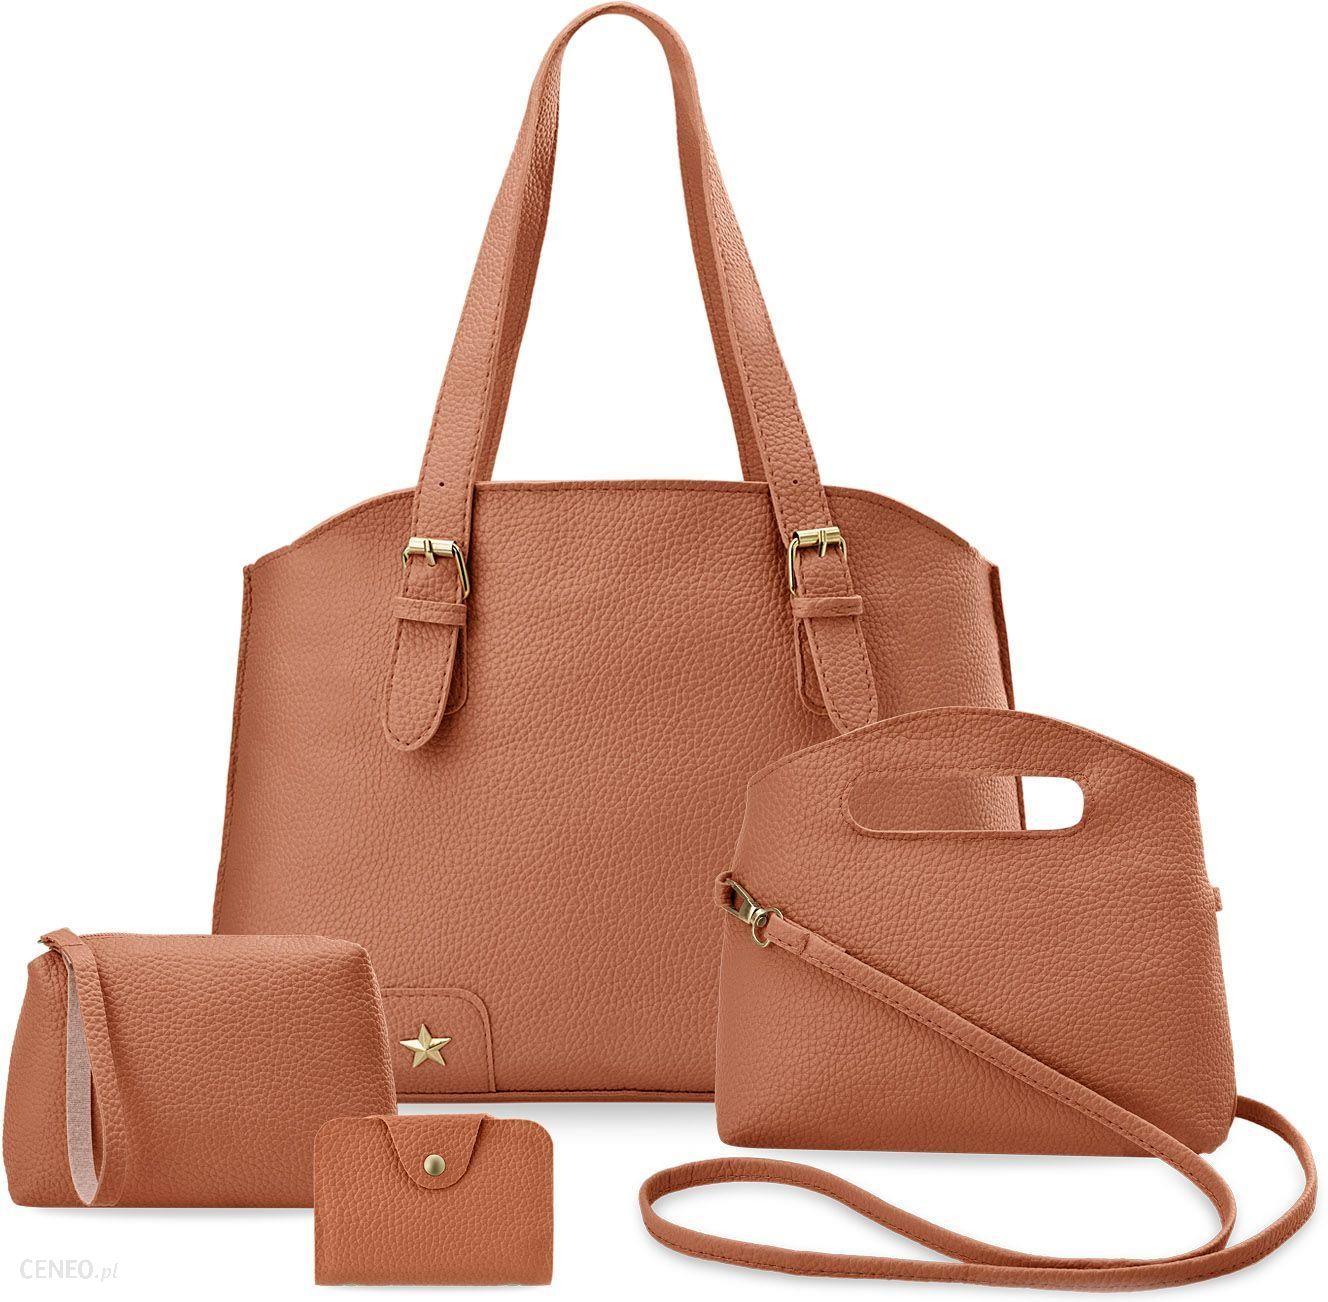 abb3bcc9dd364 Komplet torebek damskich 4w1 shopper bag torebka listonoszka saszetka etui  - brązowy - zdjęcie 1